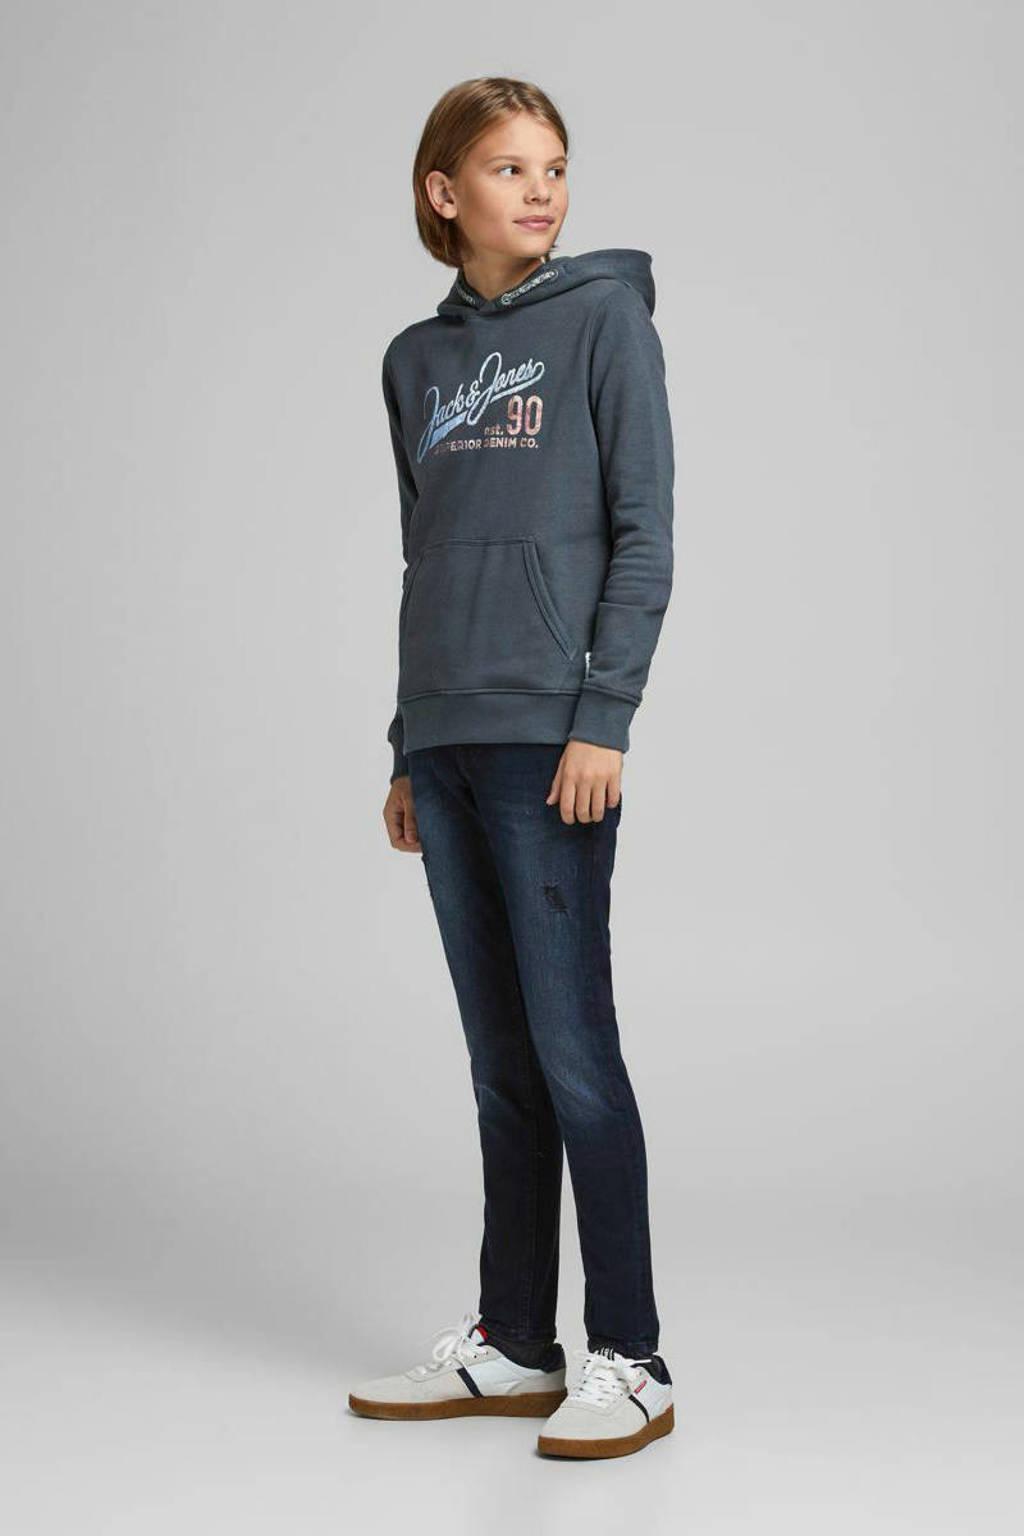 JACK & JONES JUNIOR hoodie met logo blauw, Blauw